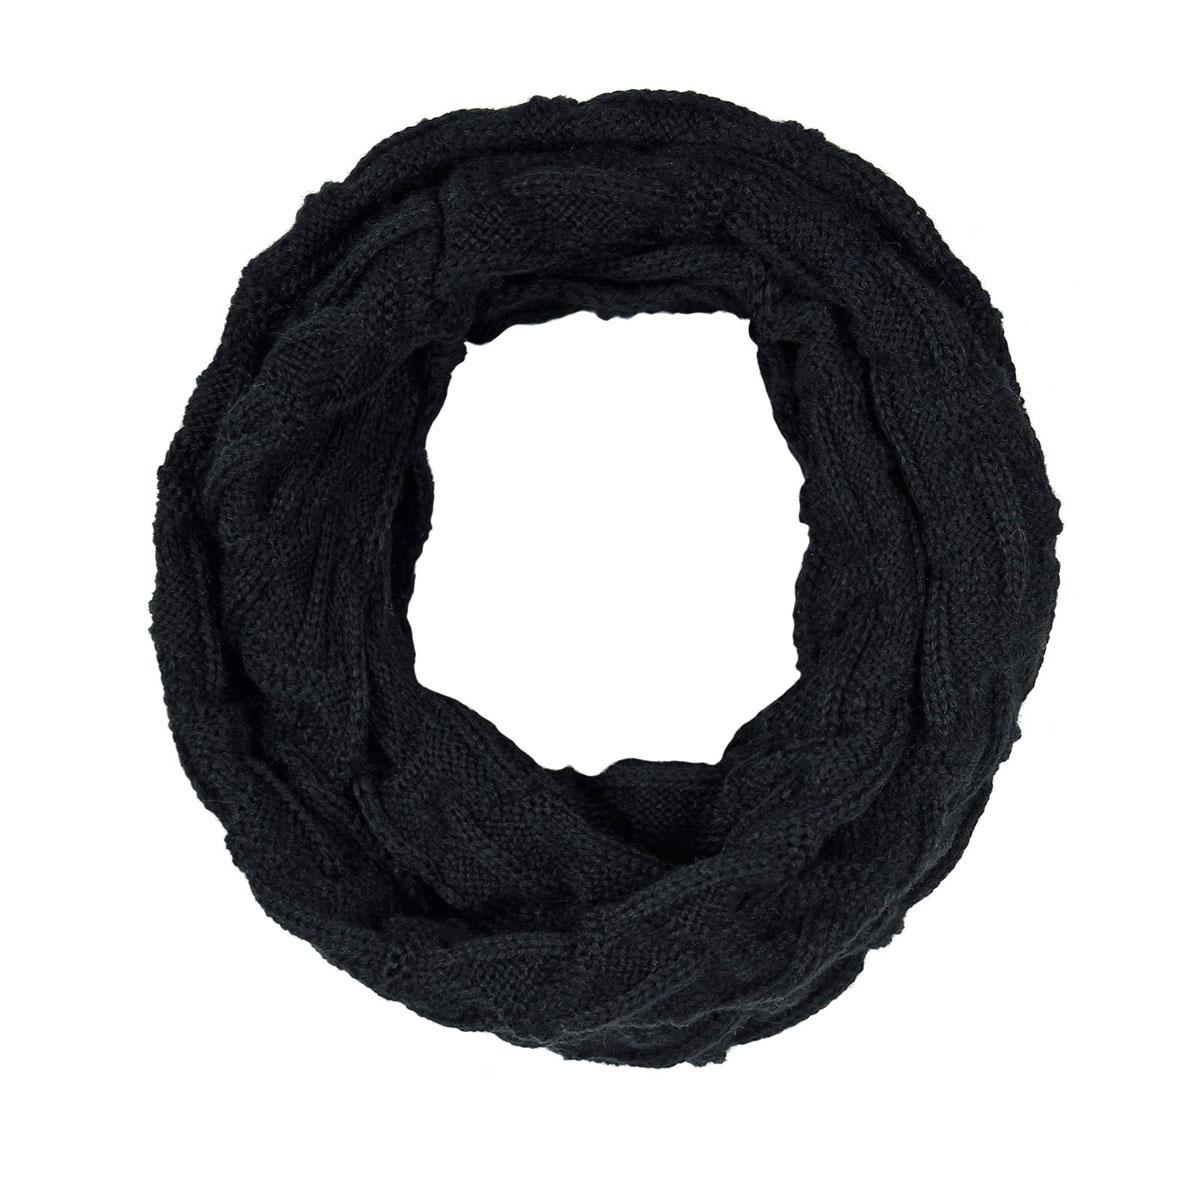 _Echarpe-col-noire